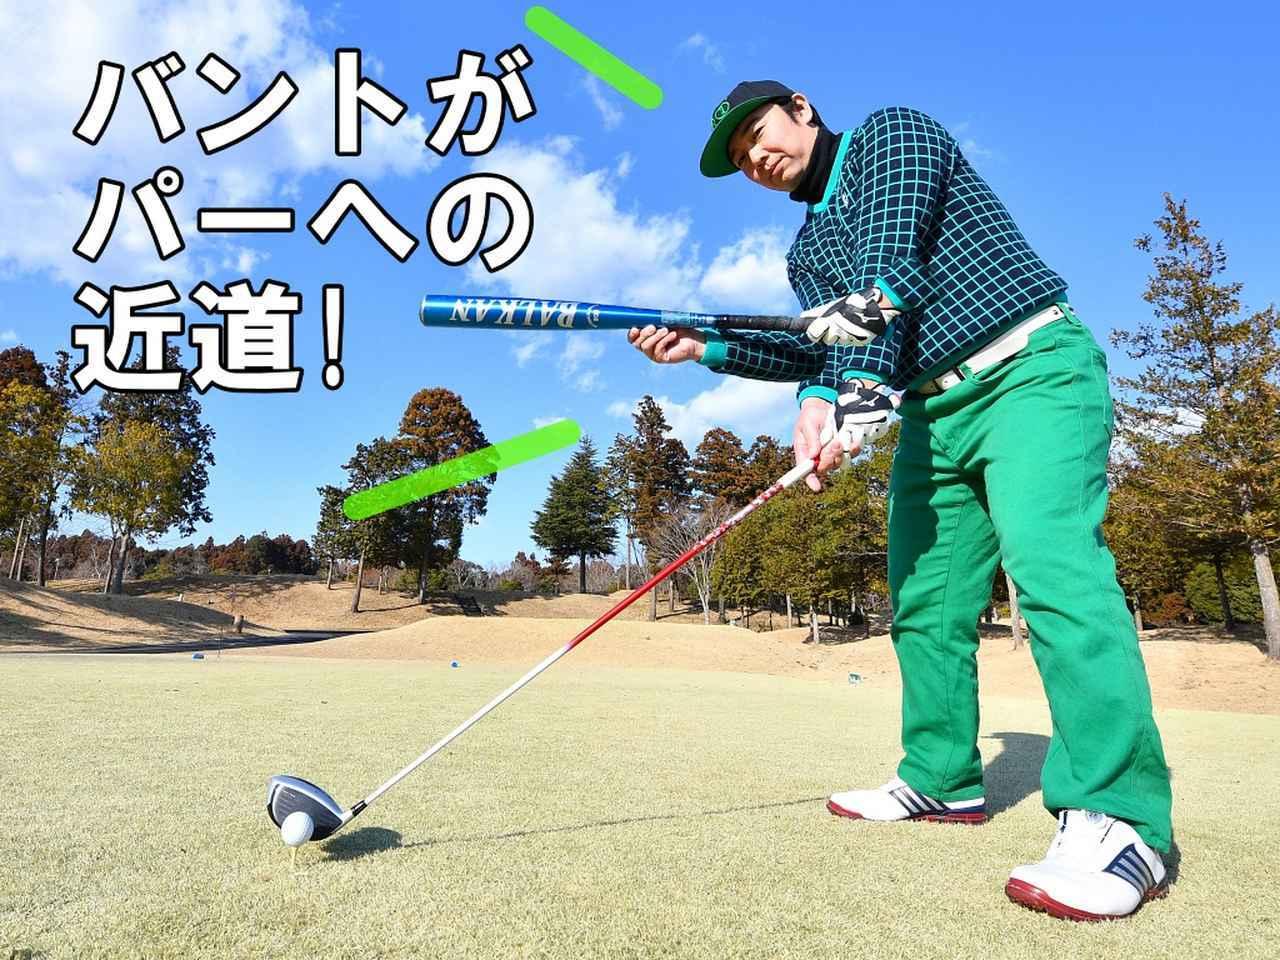 画像: 【バントショットで壁破り】原田貴文さん(38歳/ゴルフ歴15年/HC9)